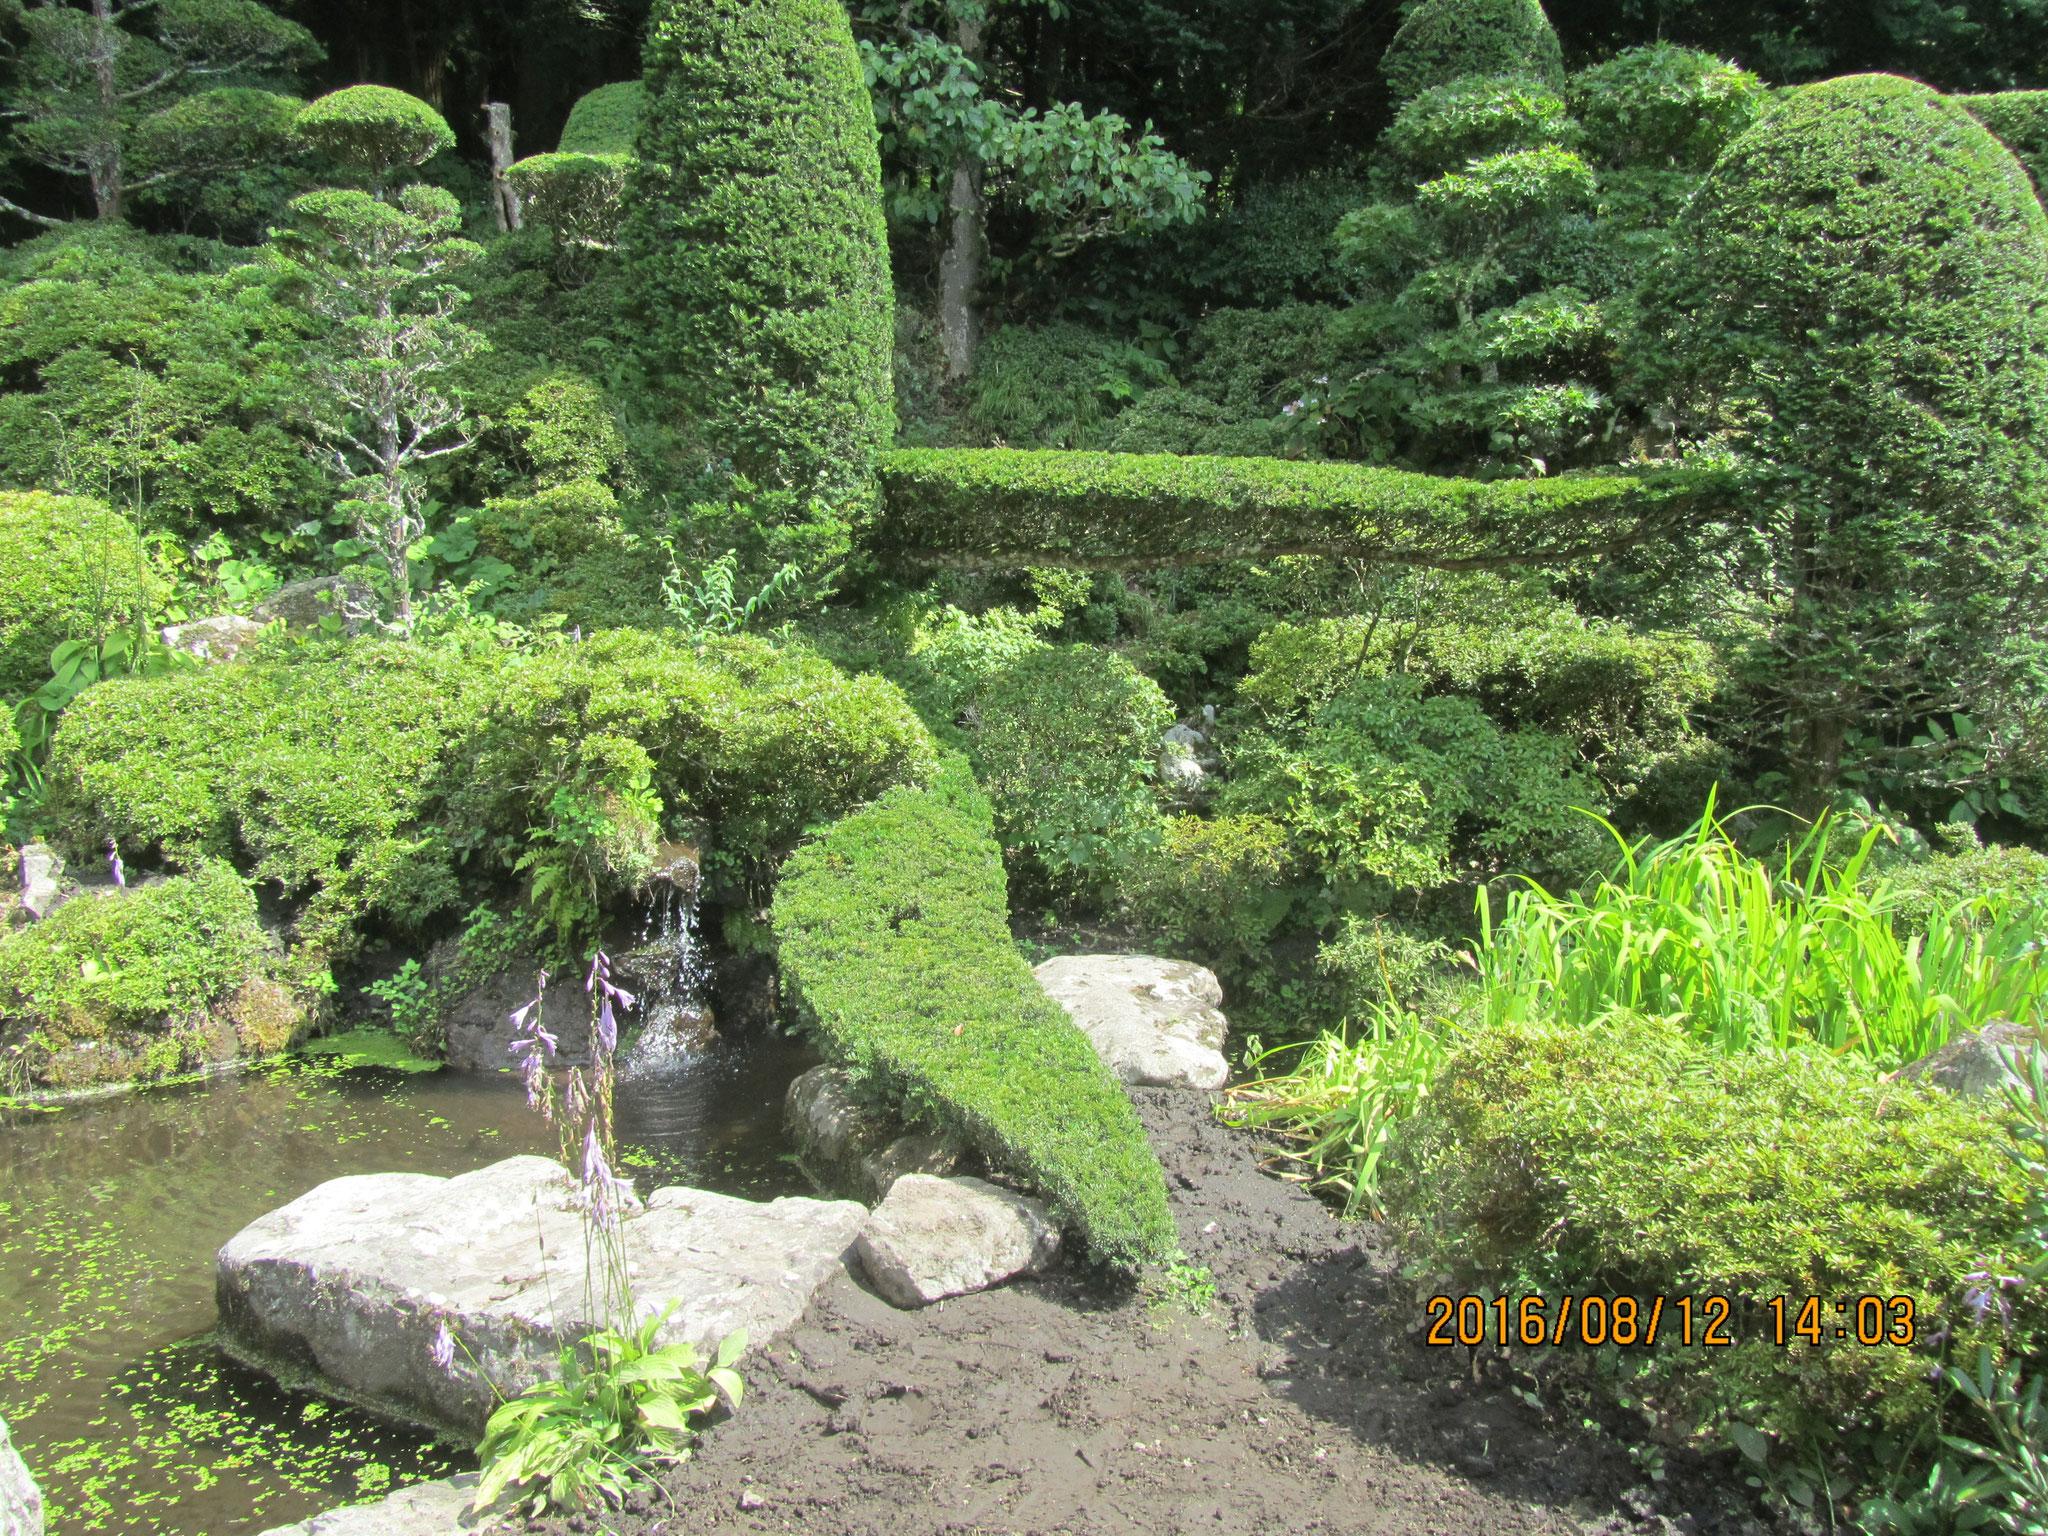 境内の庭園が非常によく手入れされていて、素晴らしいです。